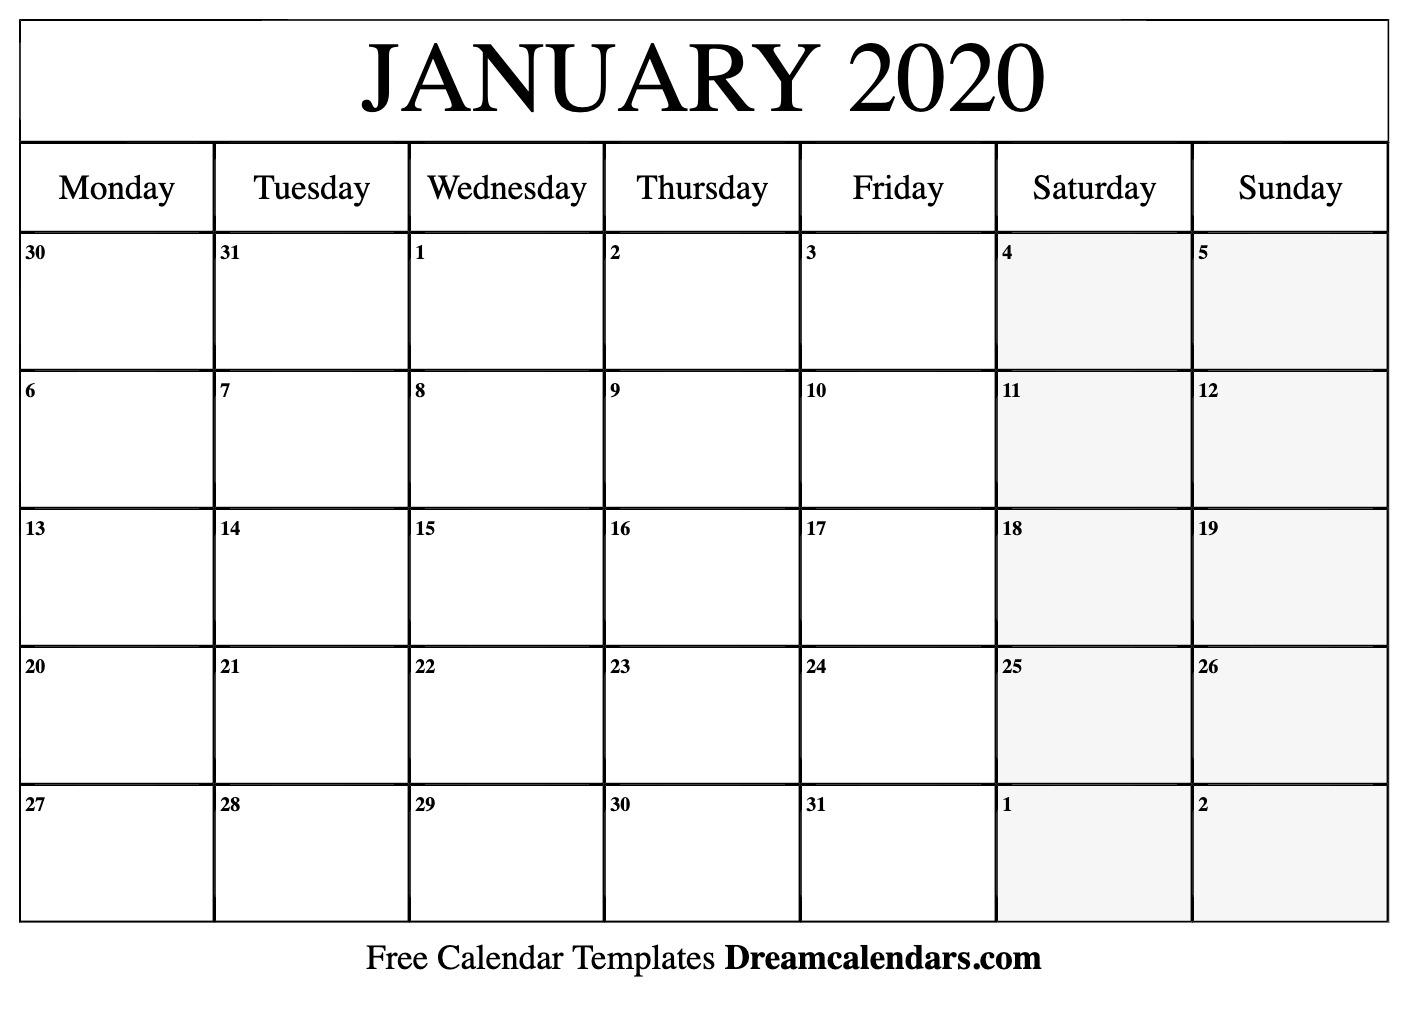 January 2020 Calendar Editable - Wpa.wpart.co